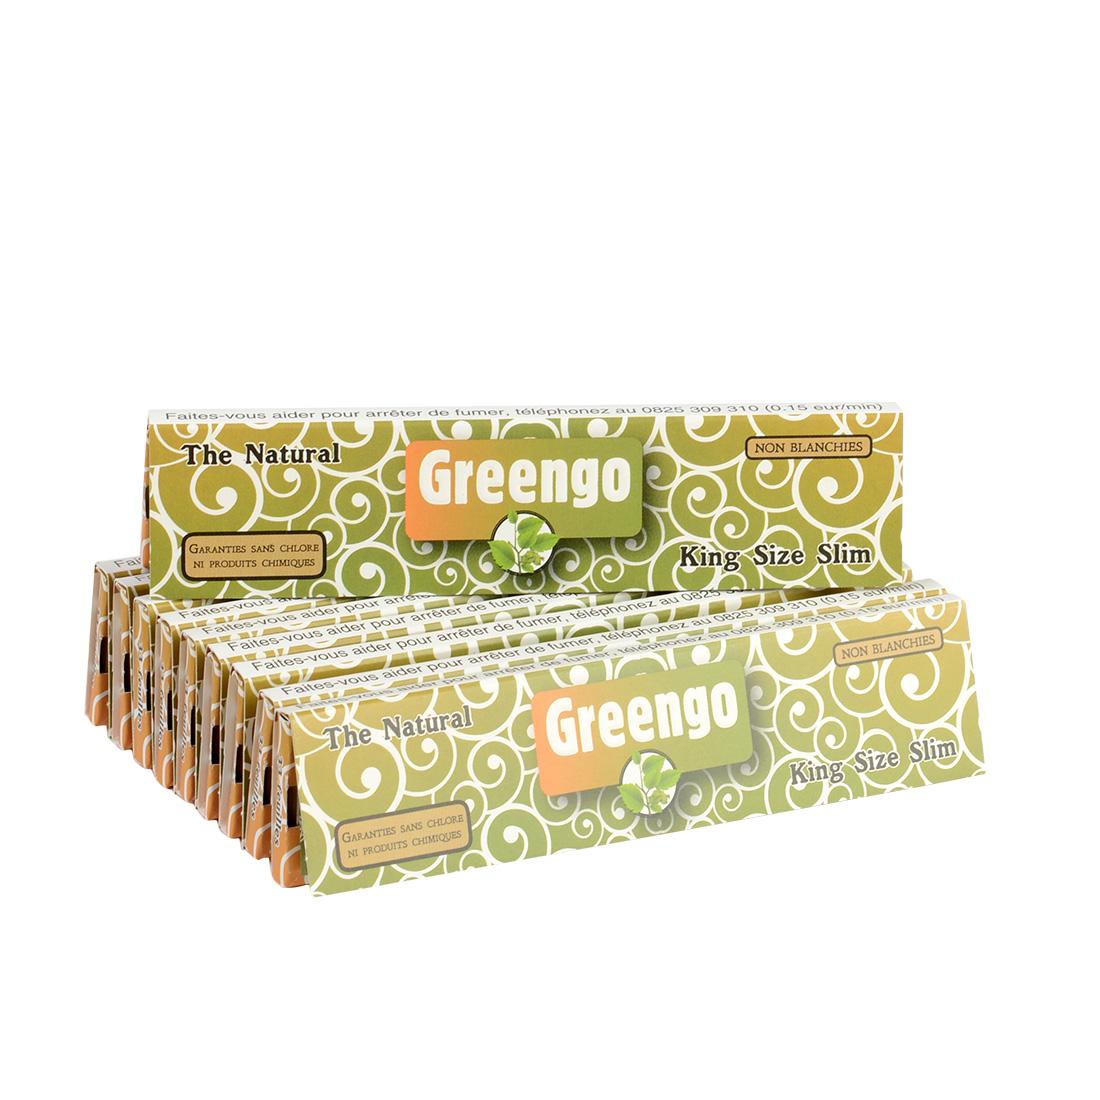 carnets de feuilles greengo